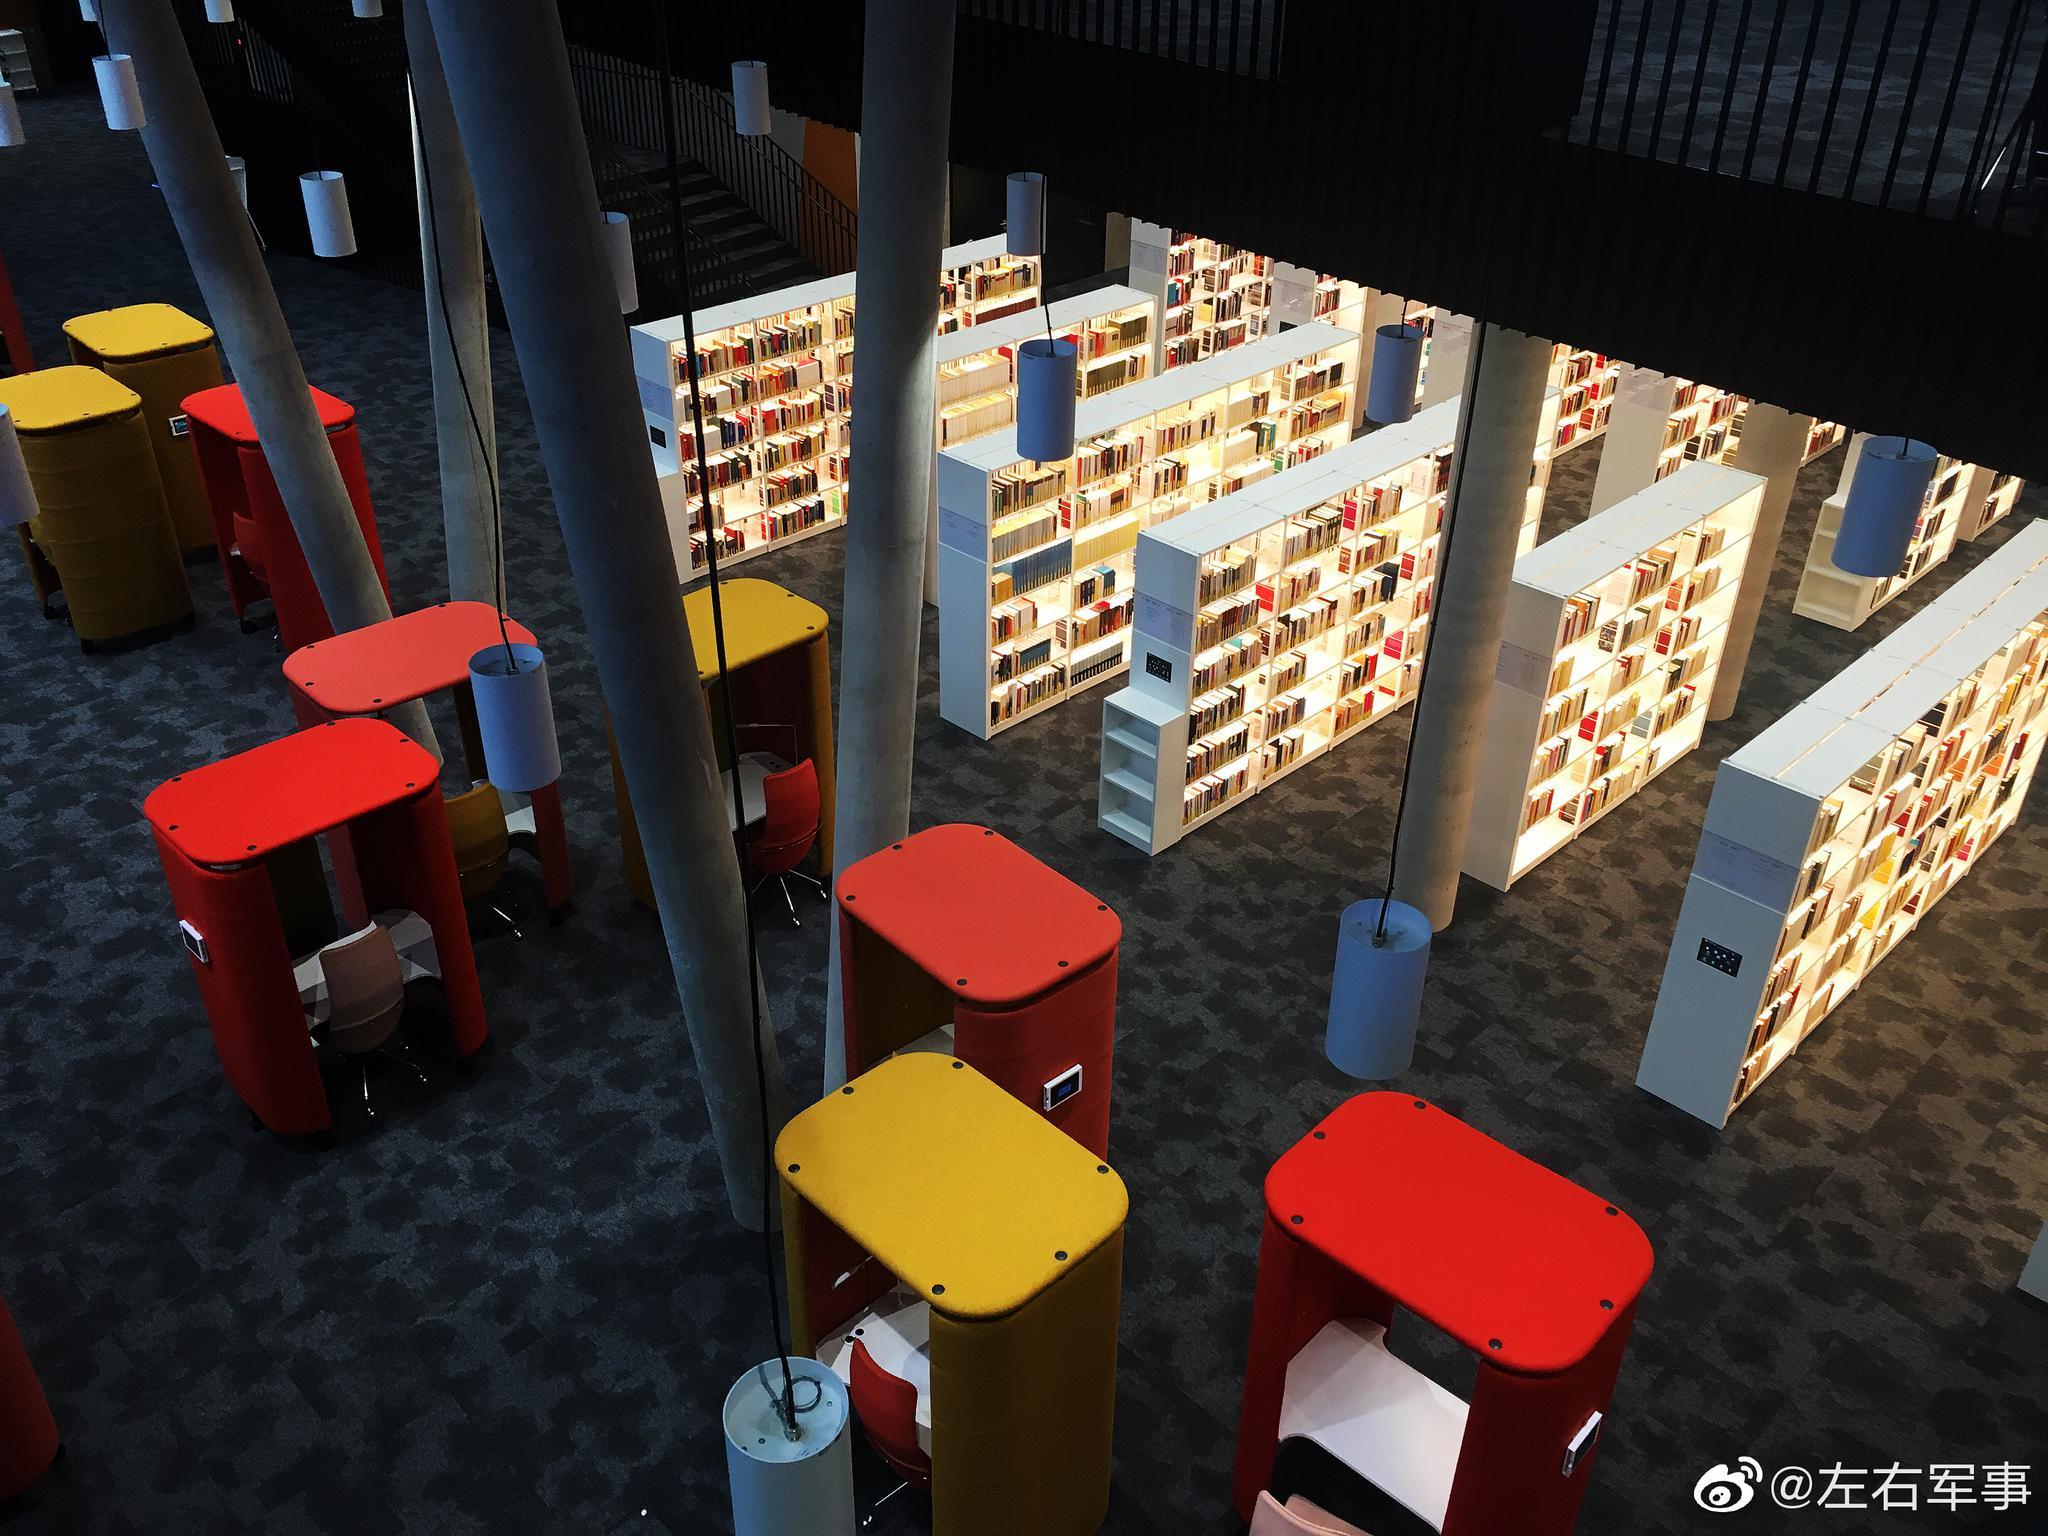 卢森堡大学用废旧工厂改造的图书馆用了极不对称设计